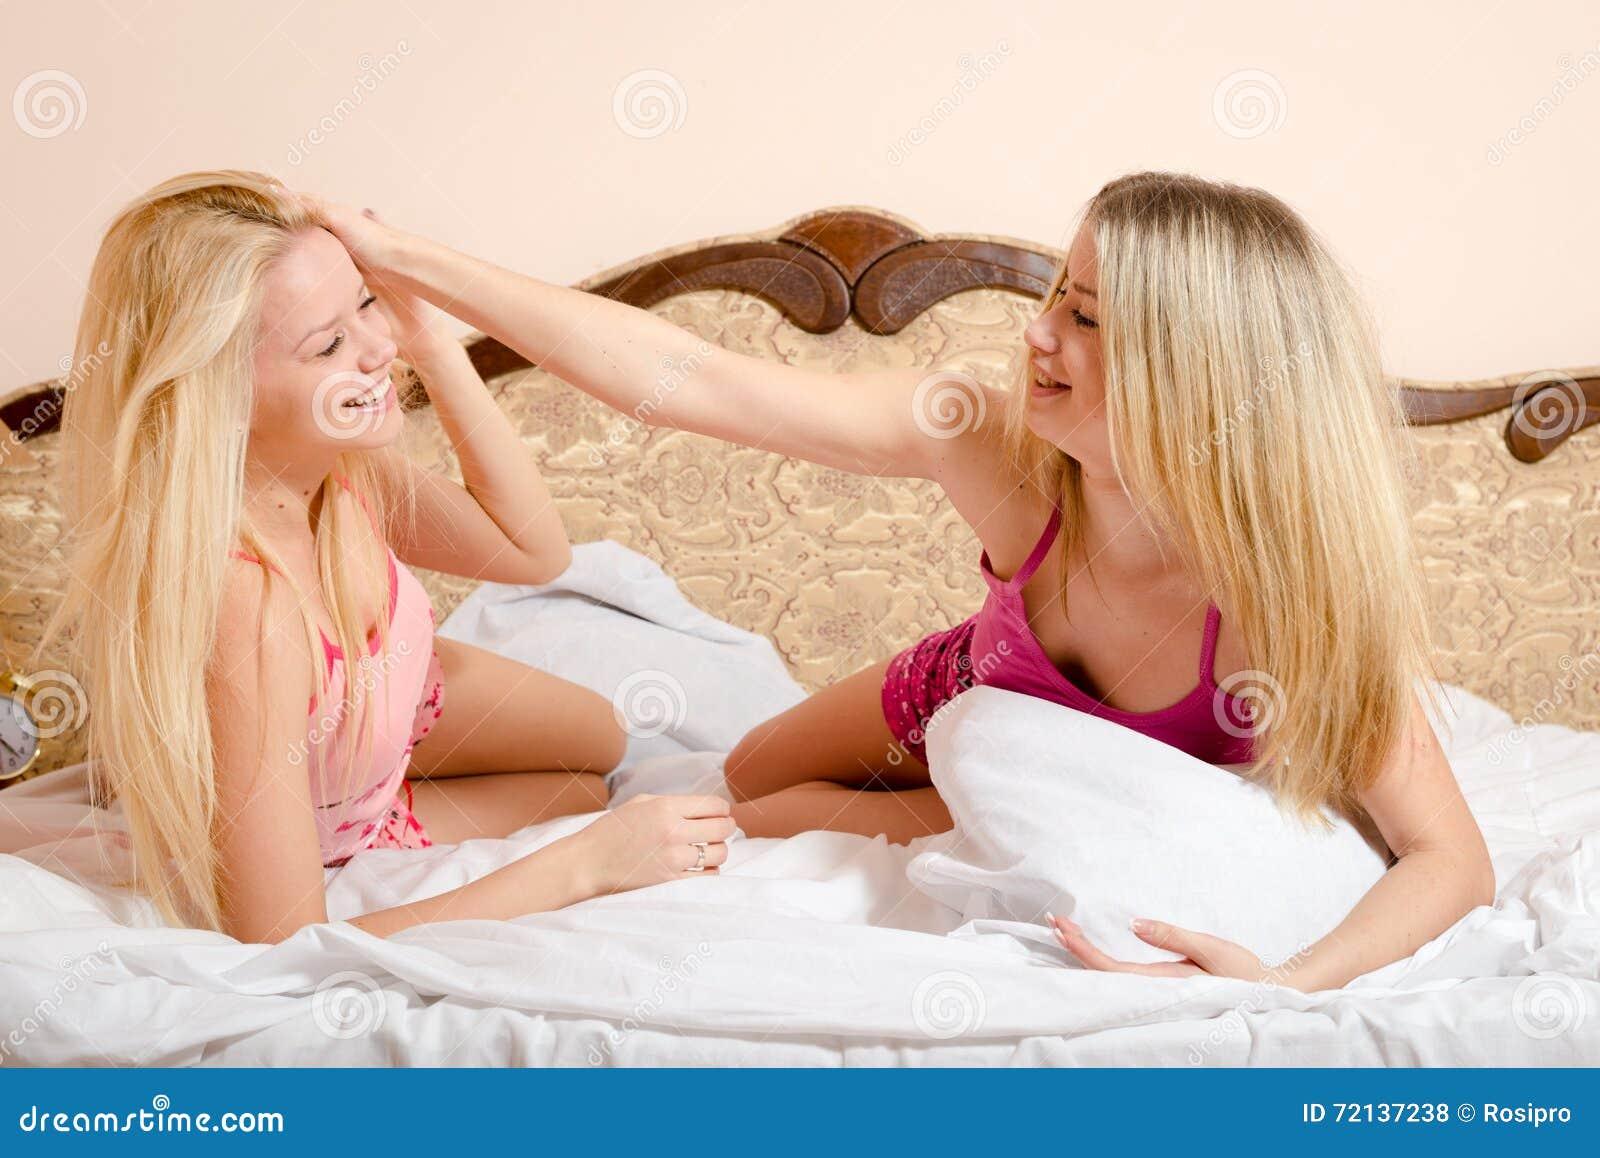 Girls Having Sexual Fun